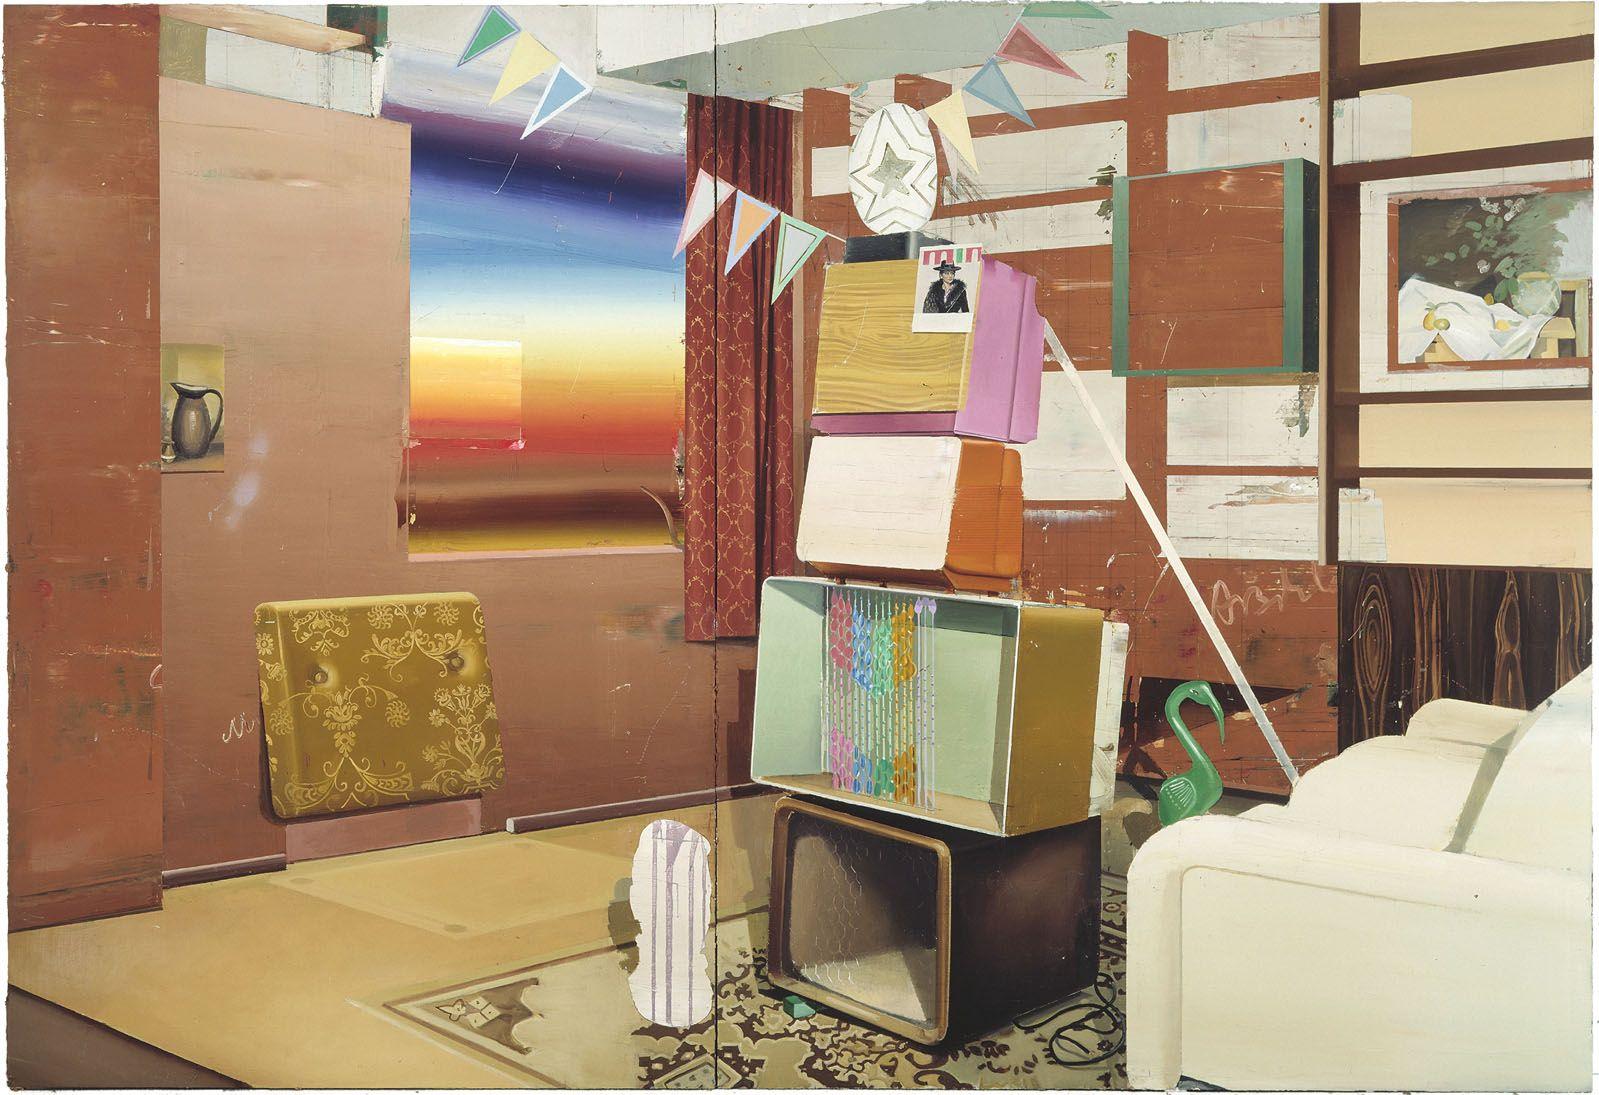 Mattias Weischer, Fernsehturm, 2004